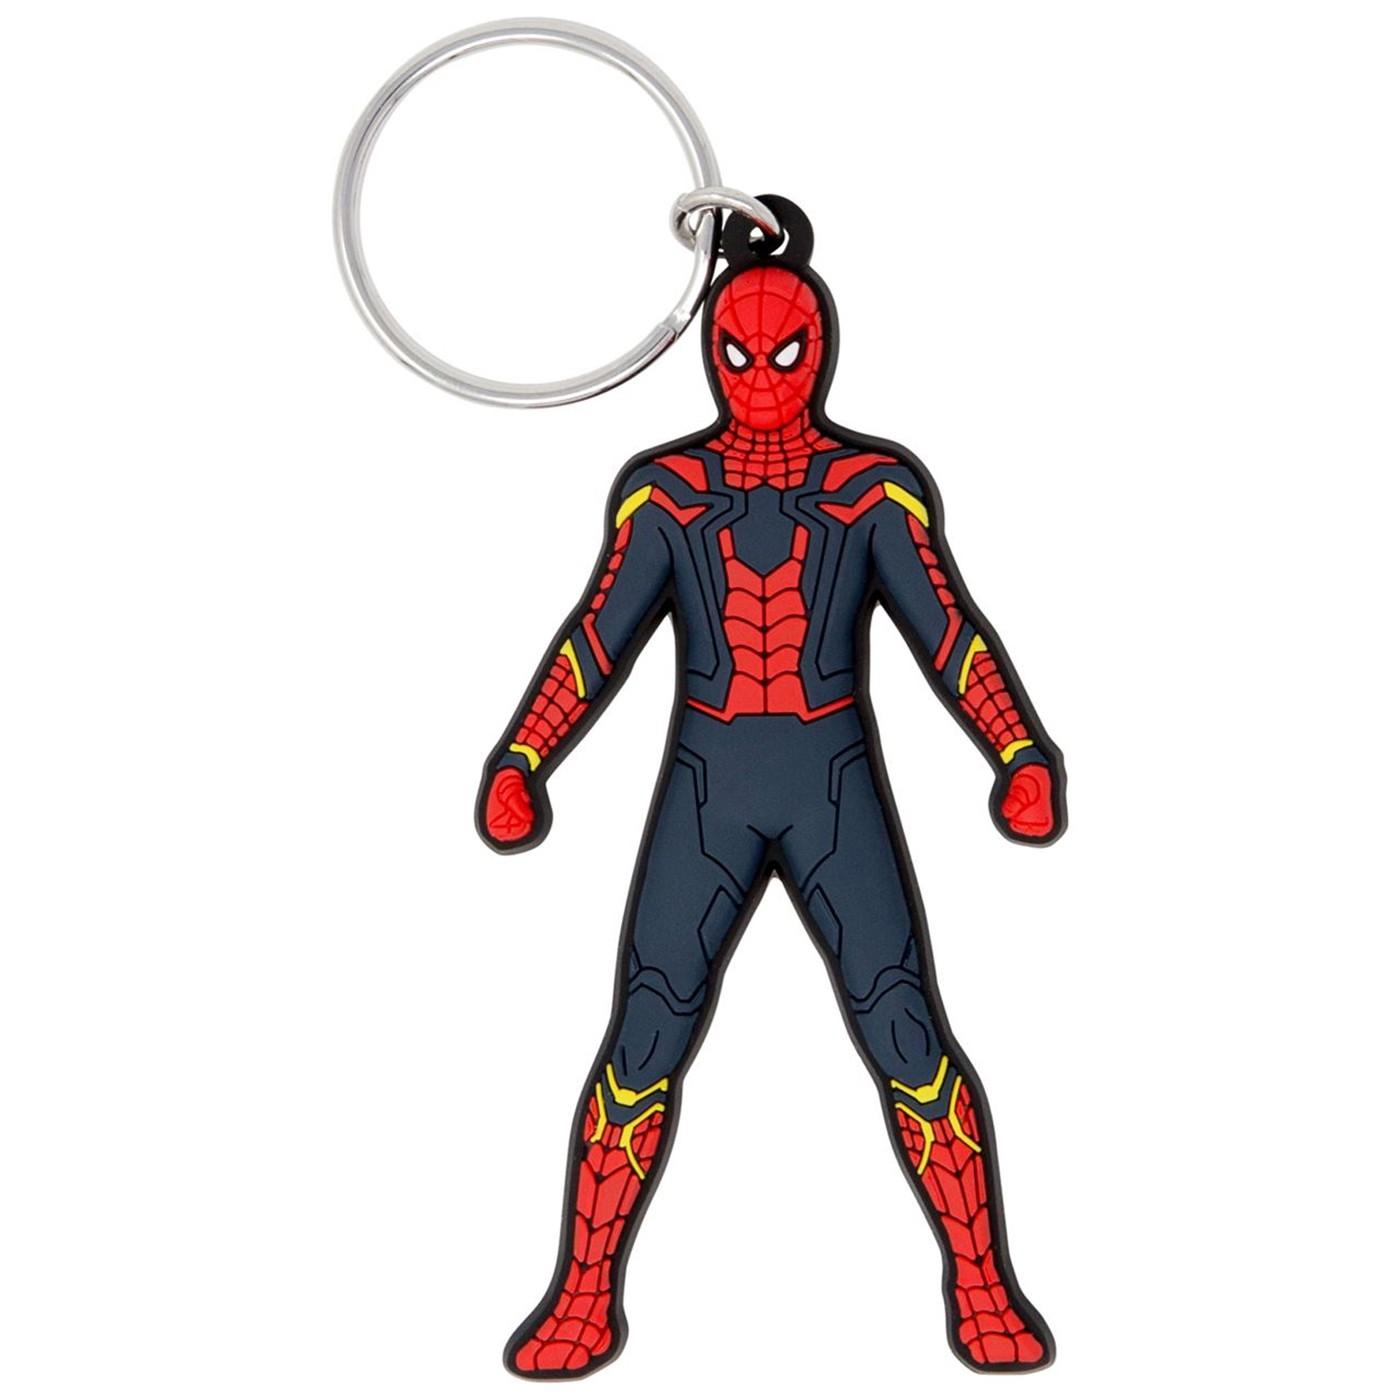 Iron Spider Soft Touch Keychain